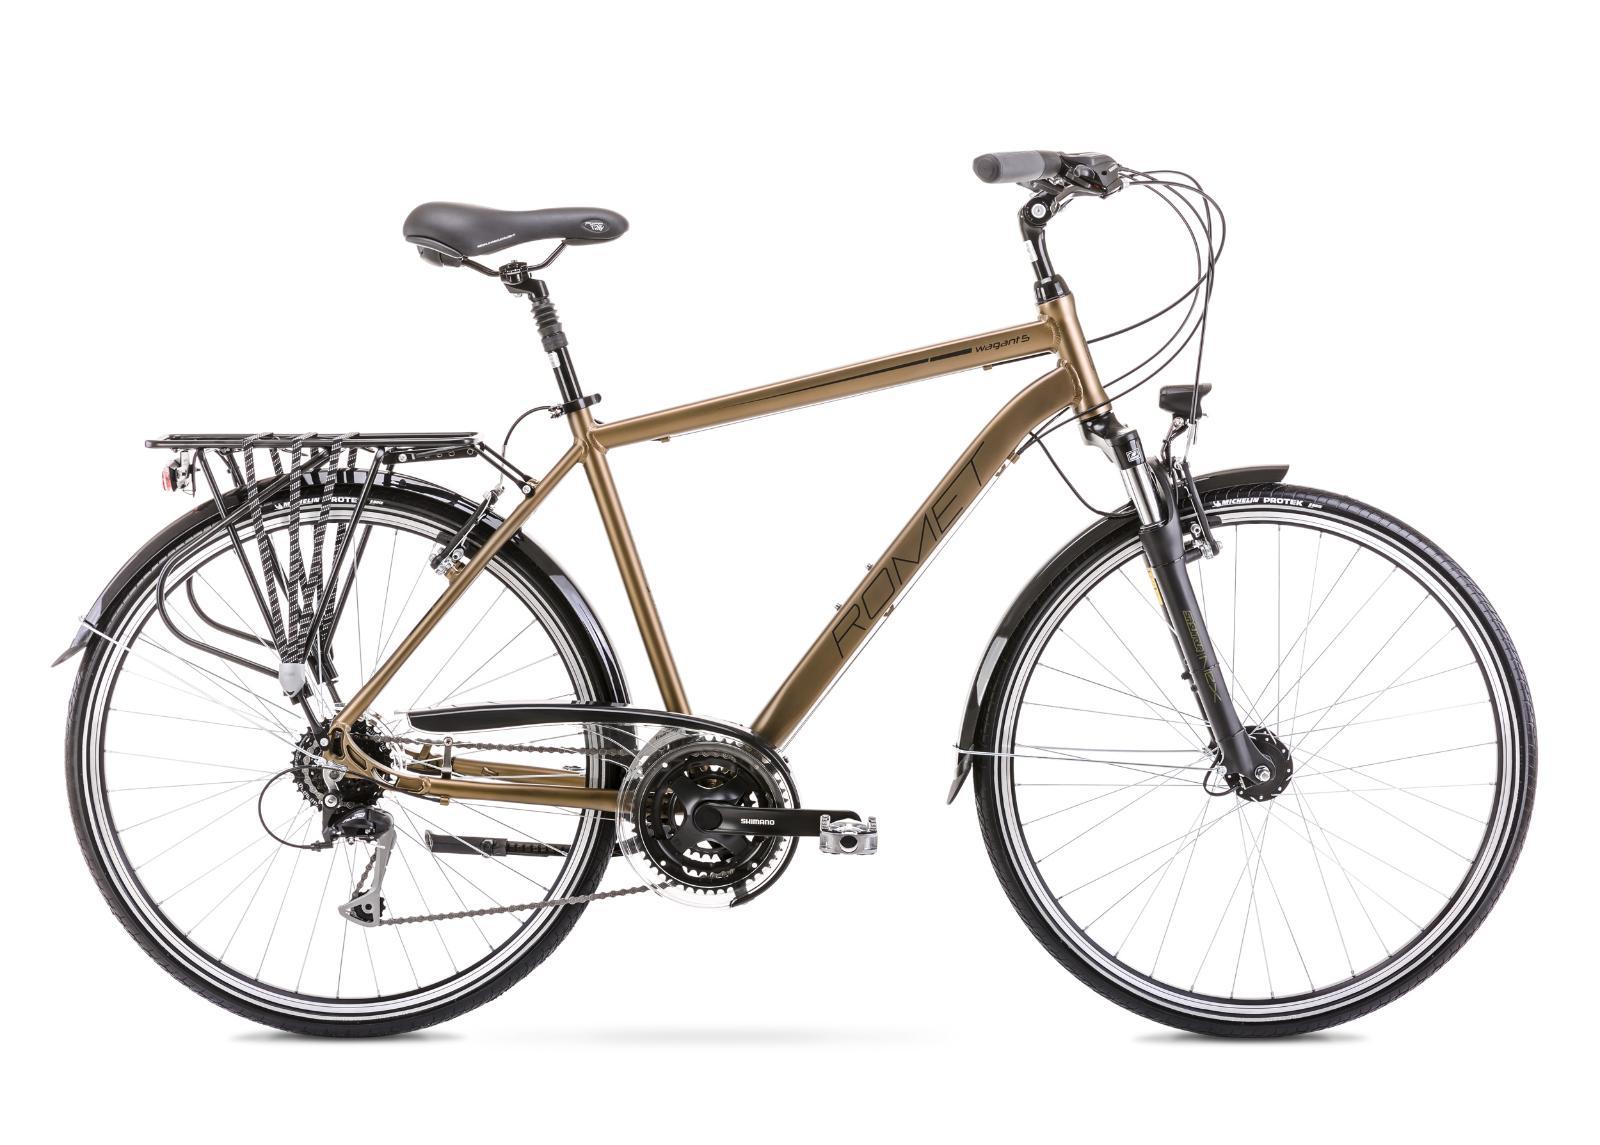 Miesten kaupunkipolkupyörä 21 L WAGANT 5 tummankeltainen